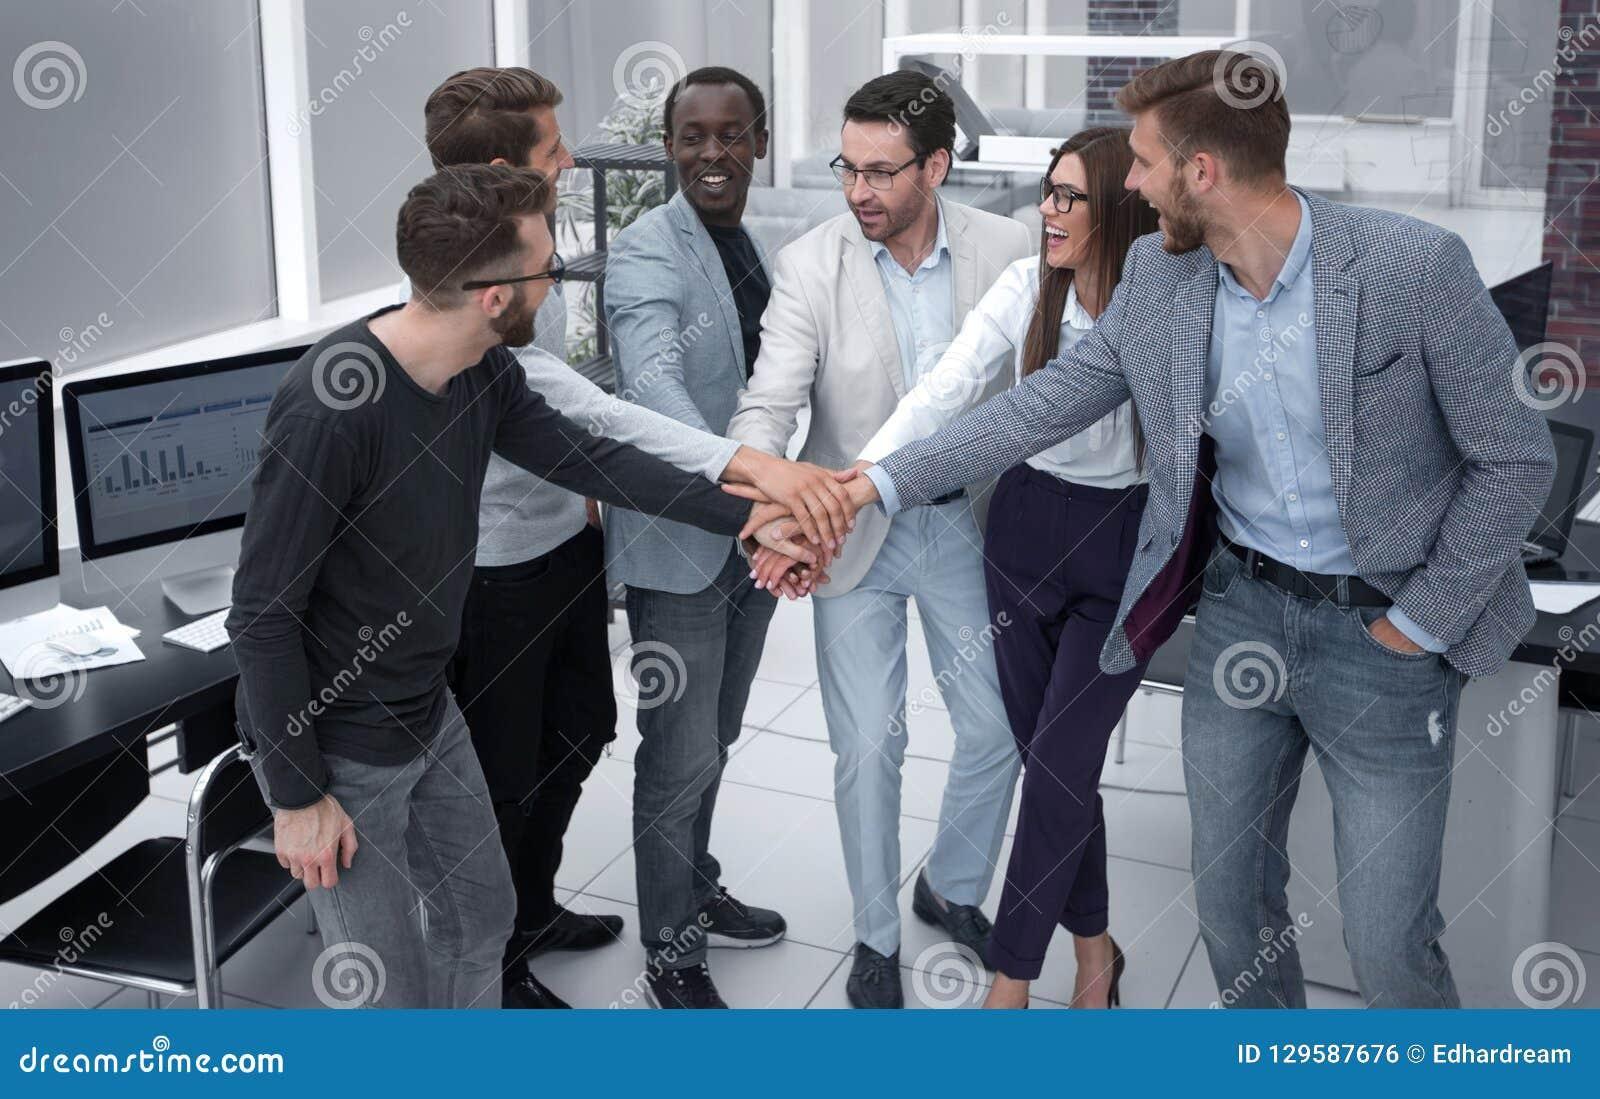 Φιλική επιχειρησιακή ομάδα που βάζει τα χέρια τους από κοινού